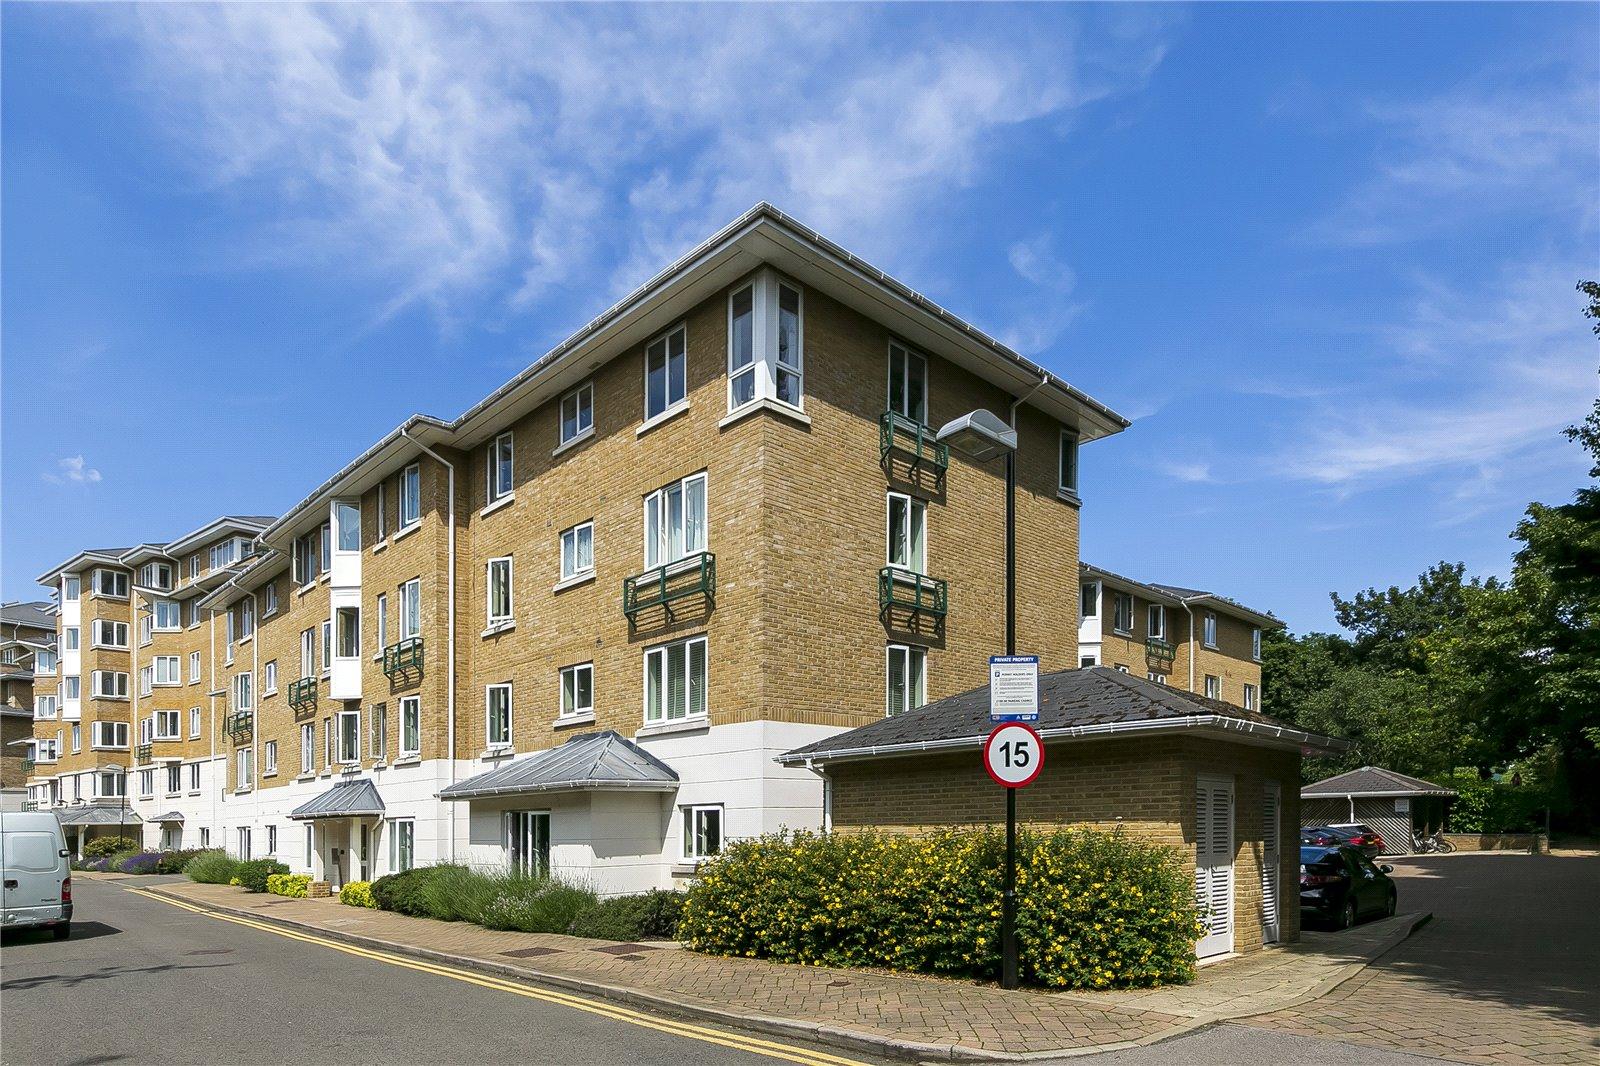 Strand Drive, Kew, TW9 4EZ - Antony Roberts